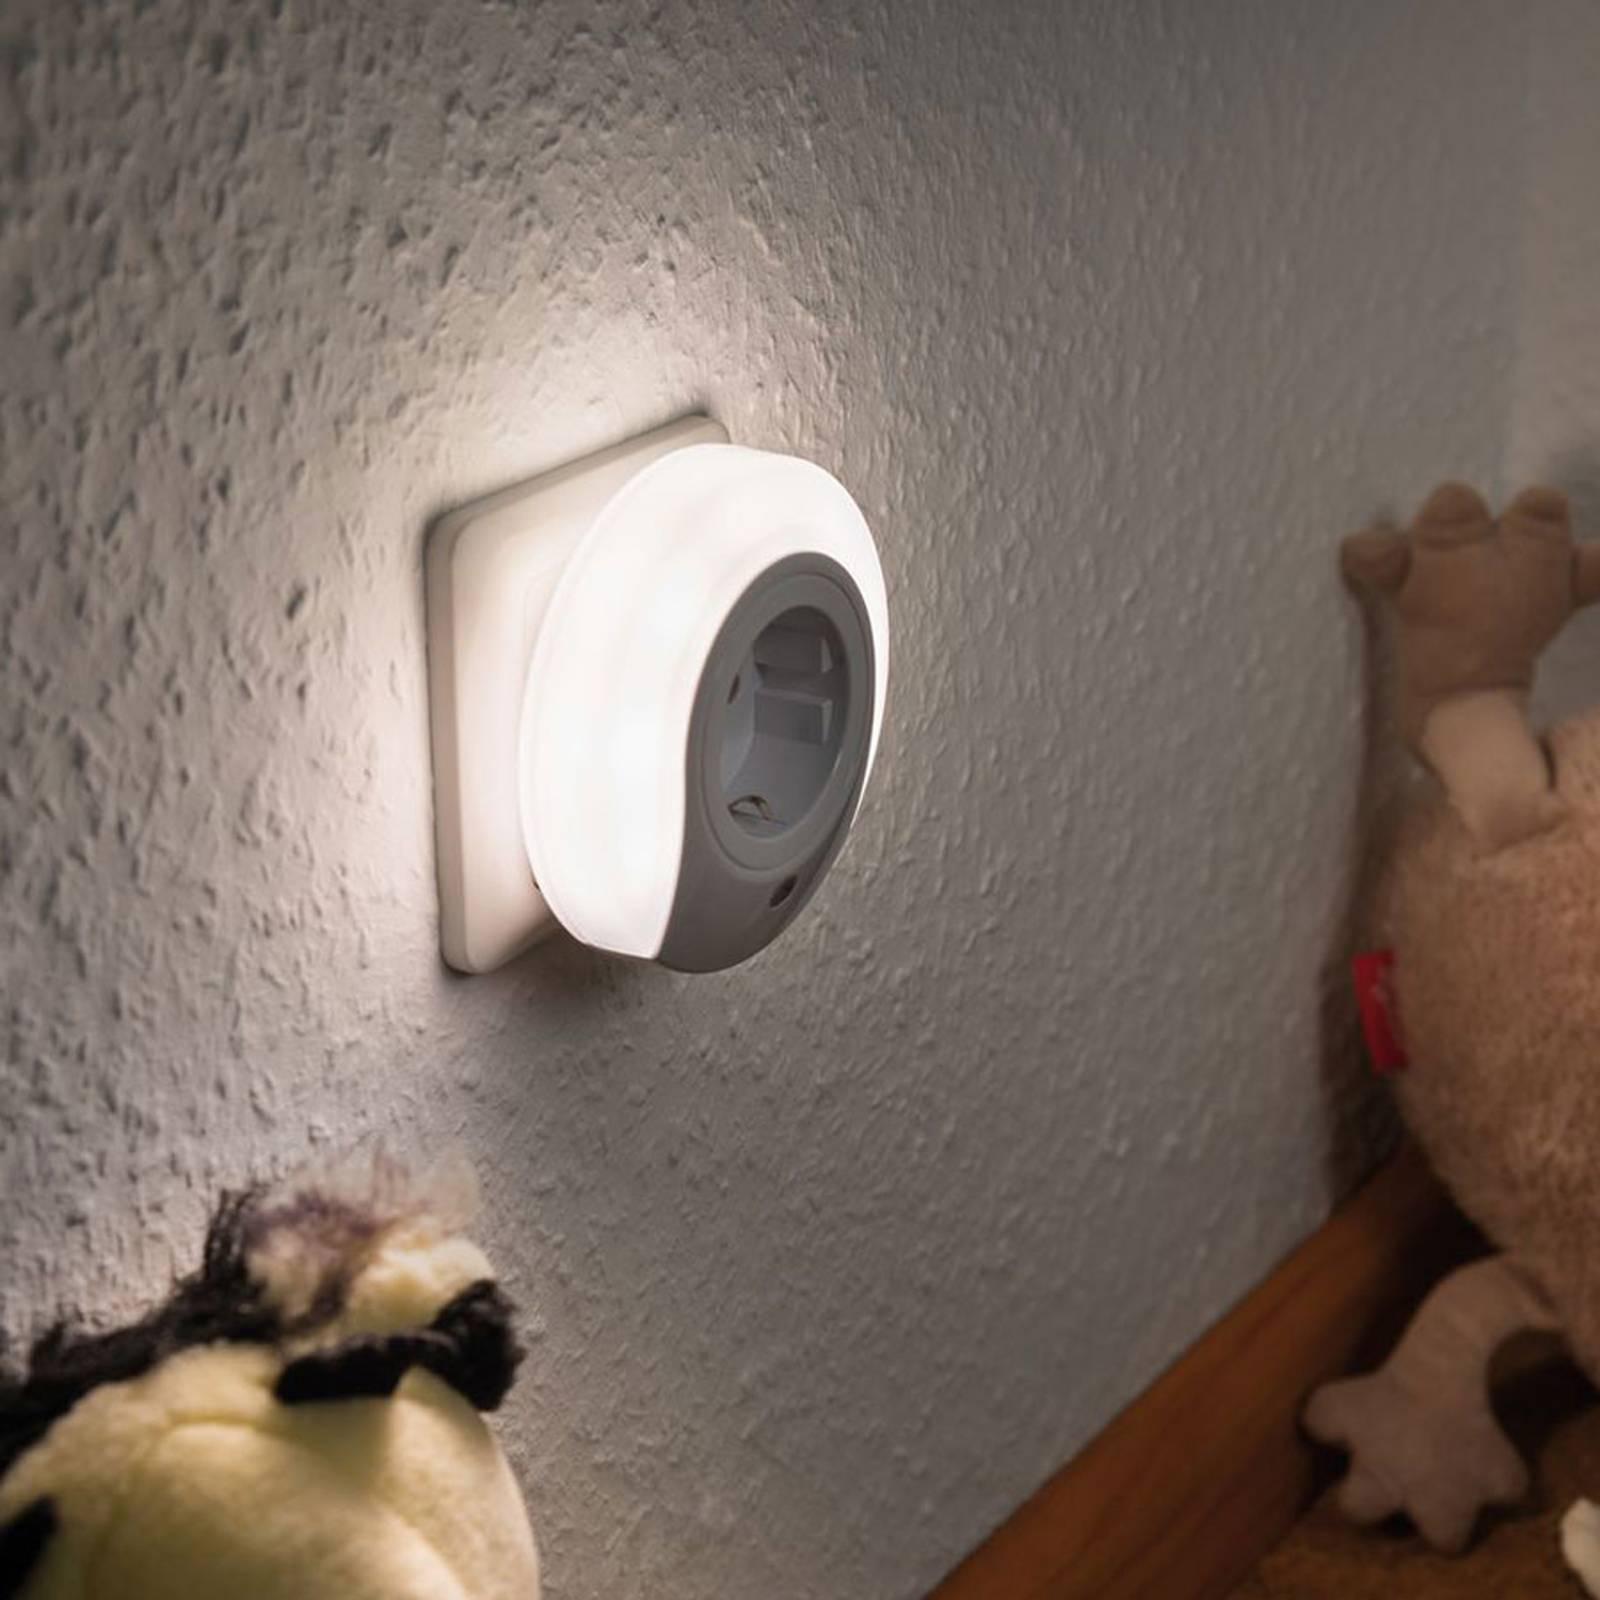 Paulmann Viby LED-natlys, med stikdåse, rund